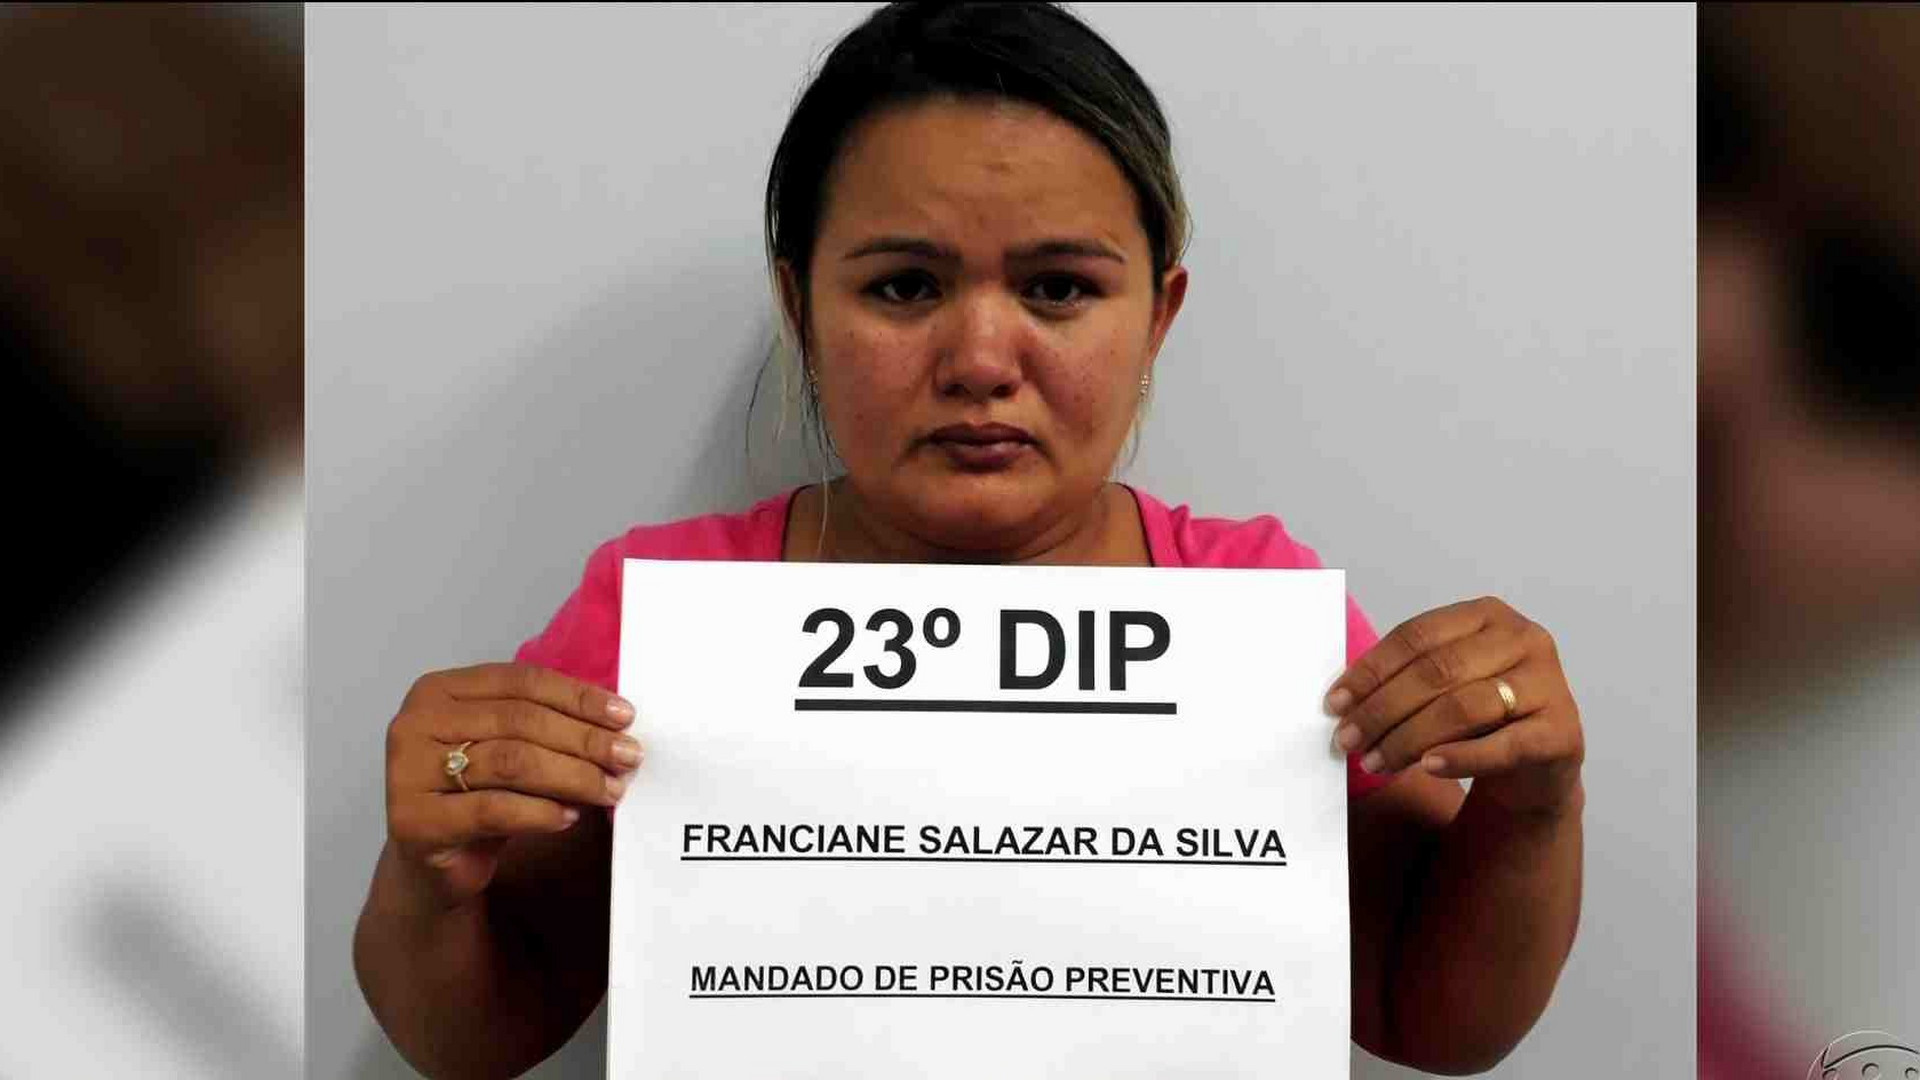 TESOUREIRA DE FACÇÃO CRIMINOSA É PRESA - Cidade Alerta Manaus - 15/12/17